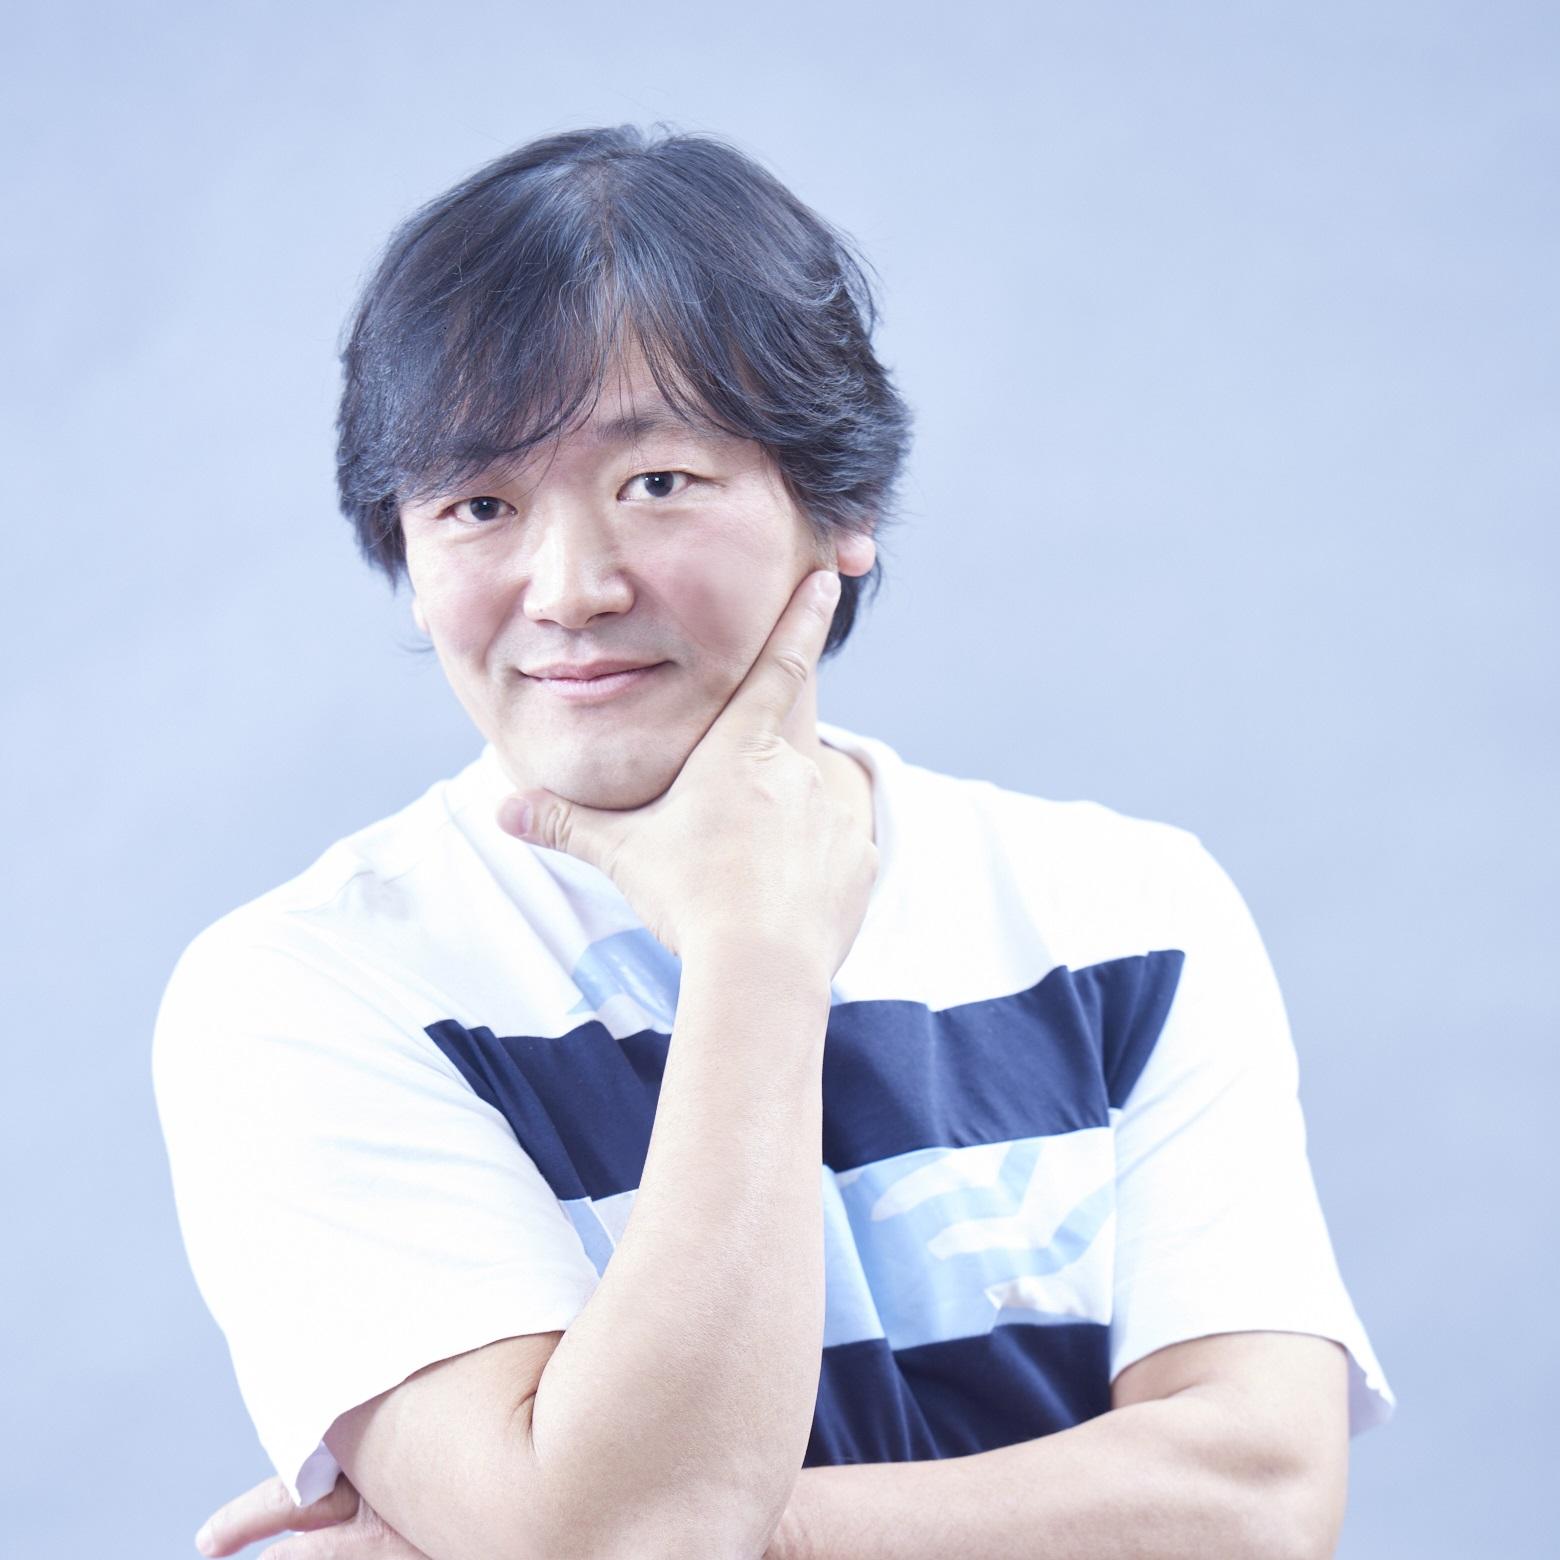 木村健太郎